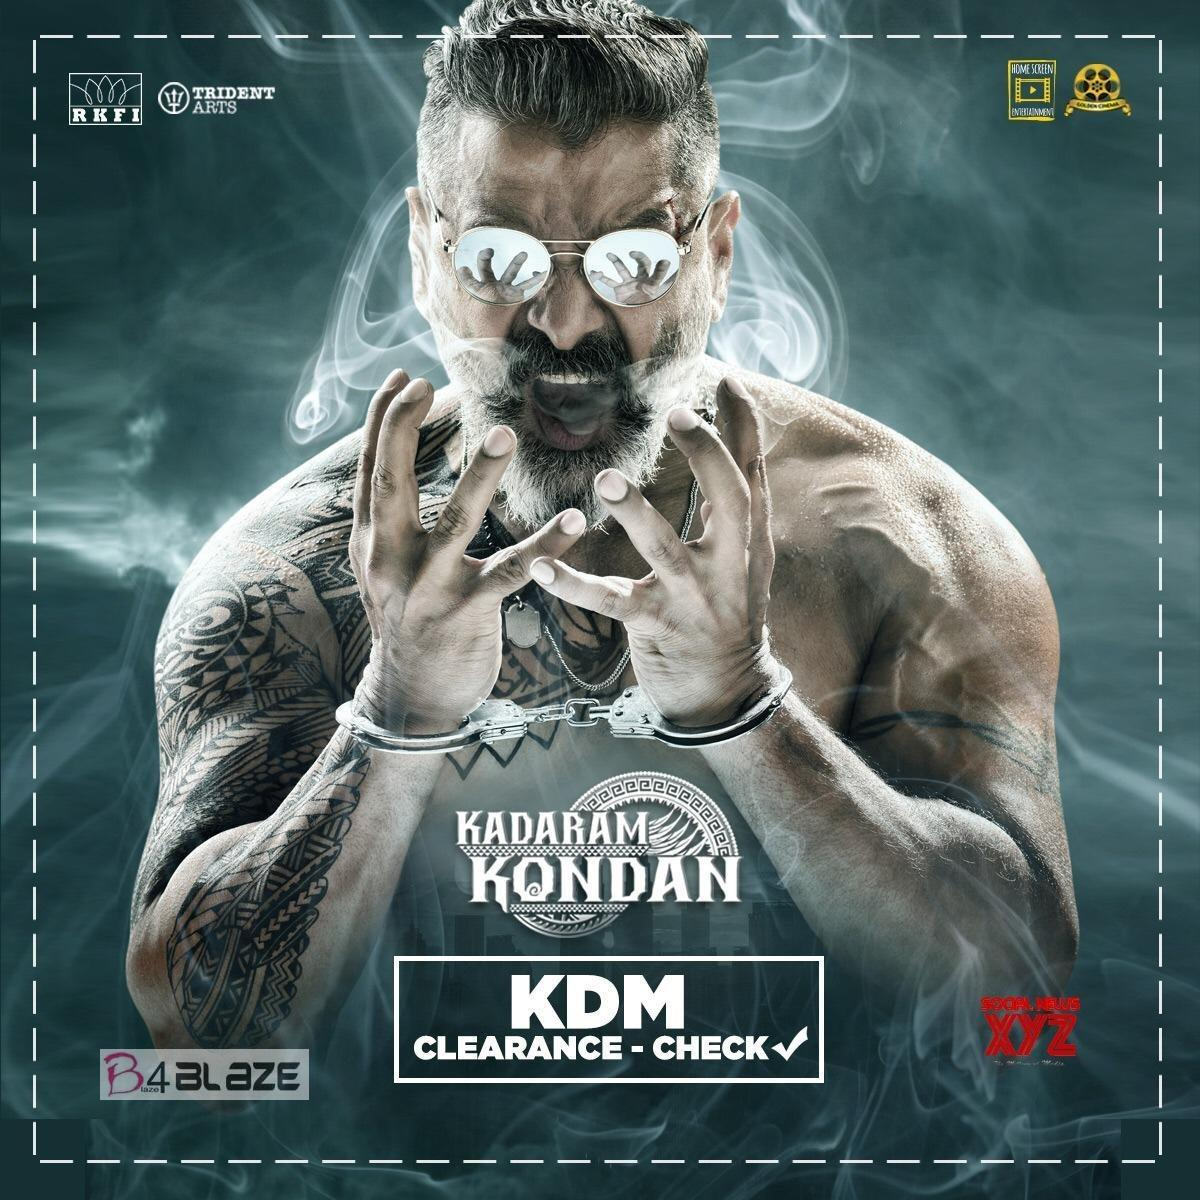 Kadaram Kondan hd poster